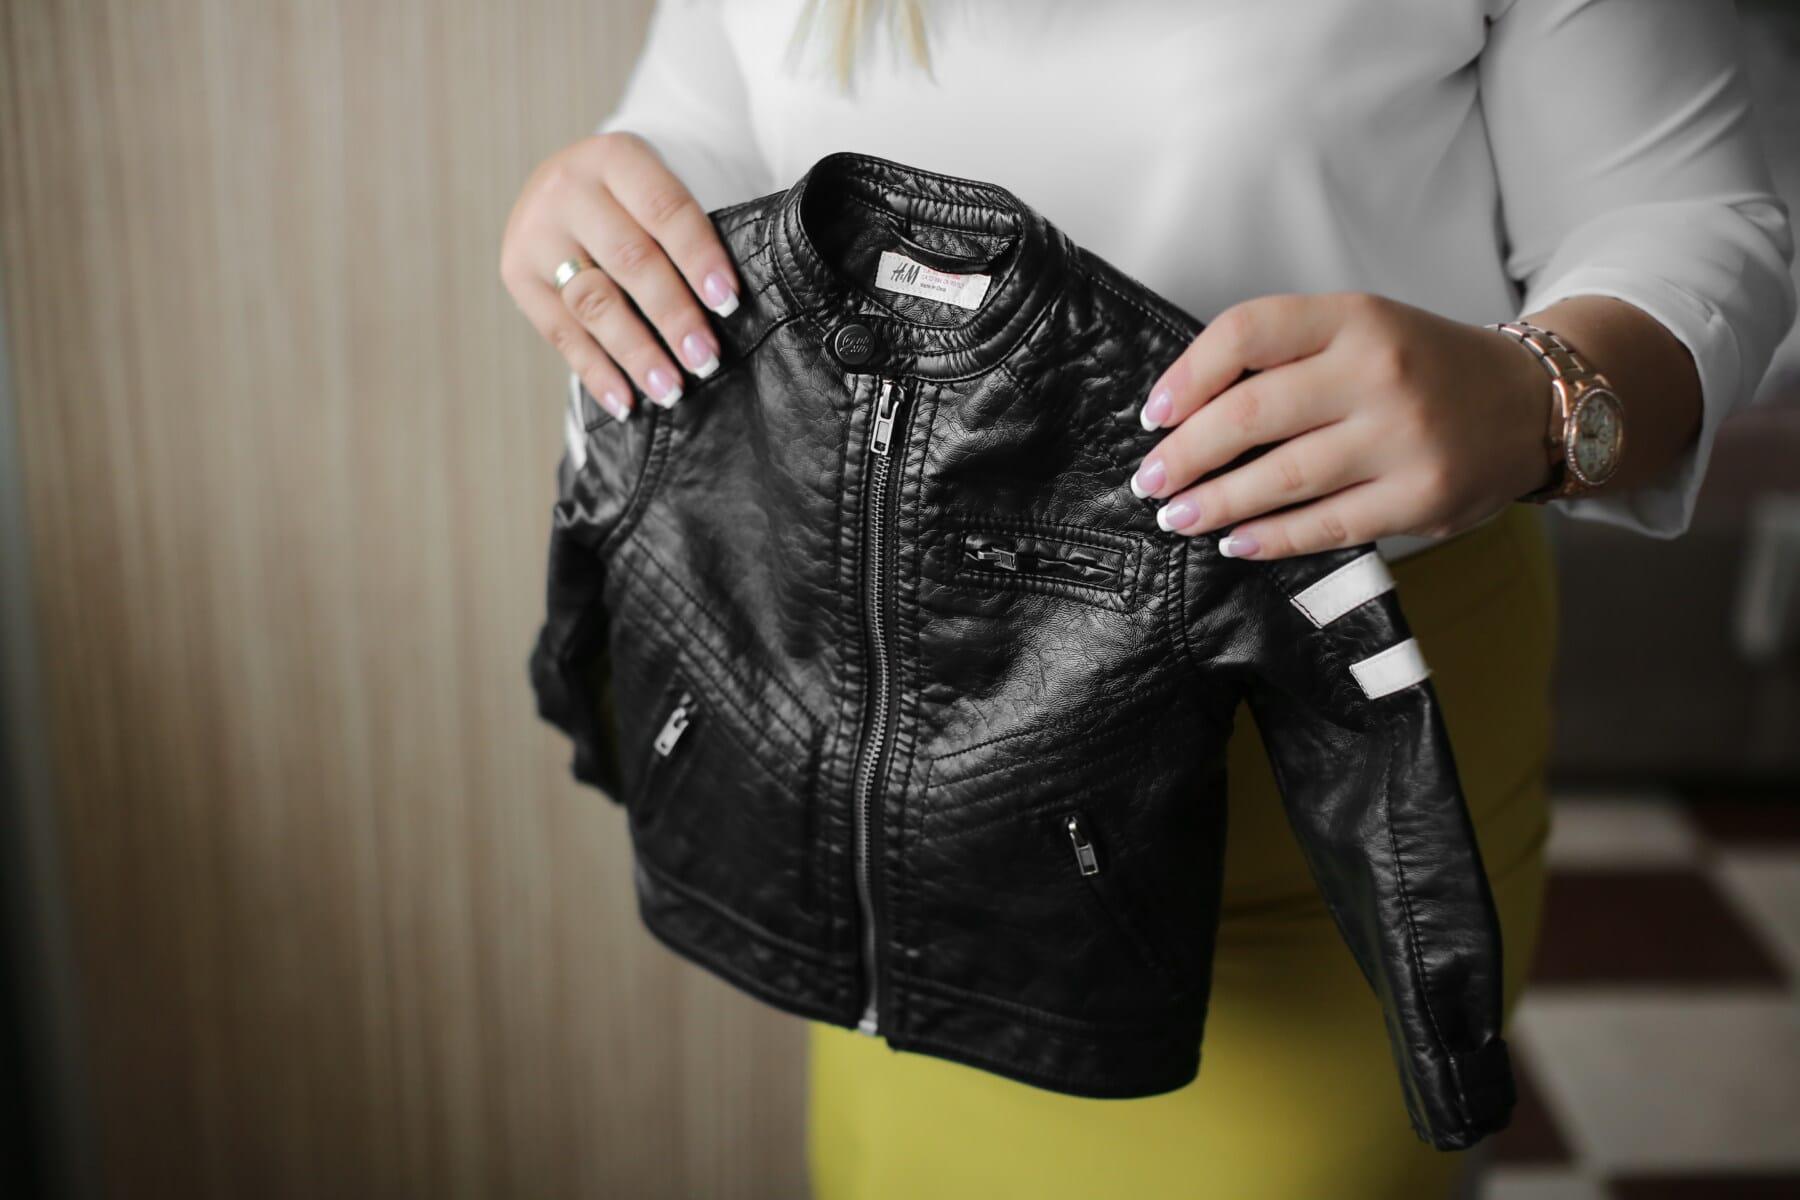 miniature, noir, veste, en cuir, mode, vêtement, denim, femme, vêtements, gens